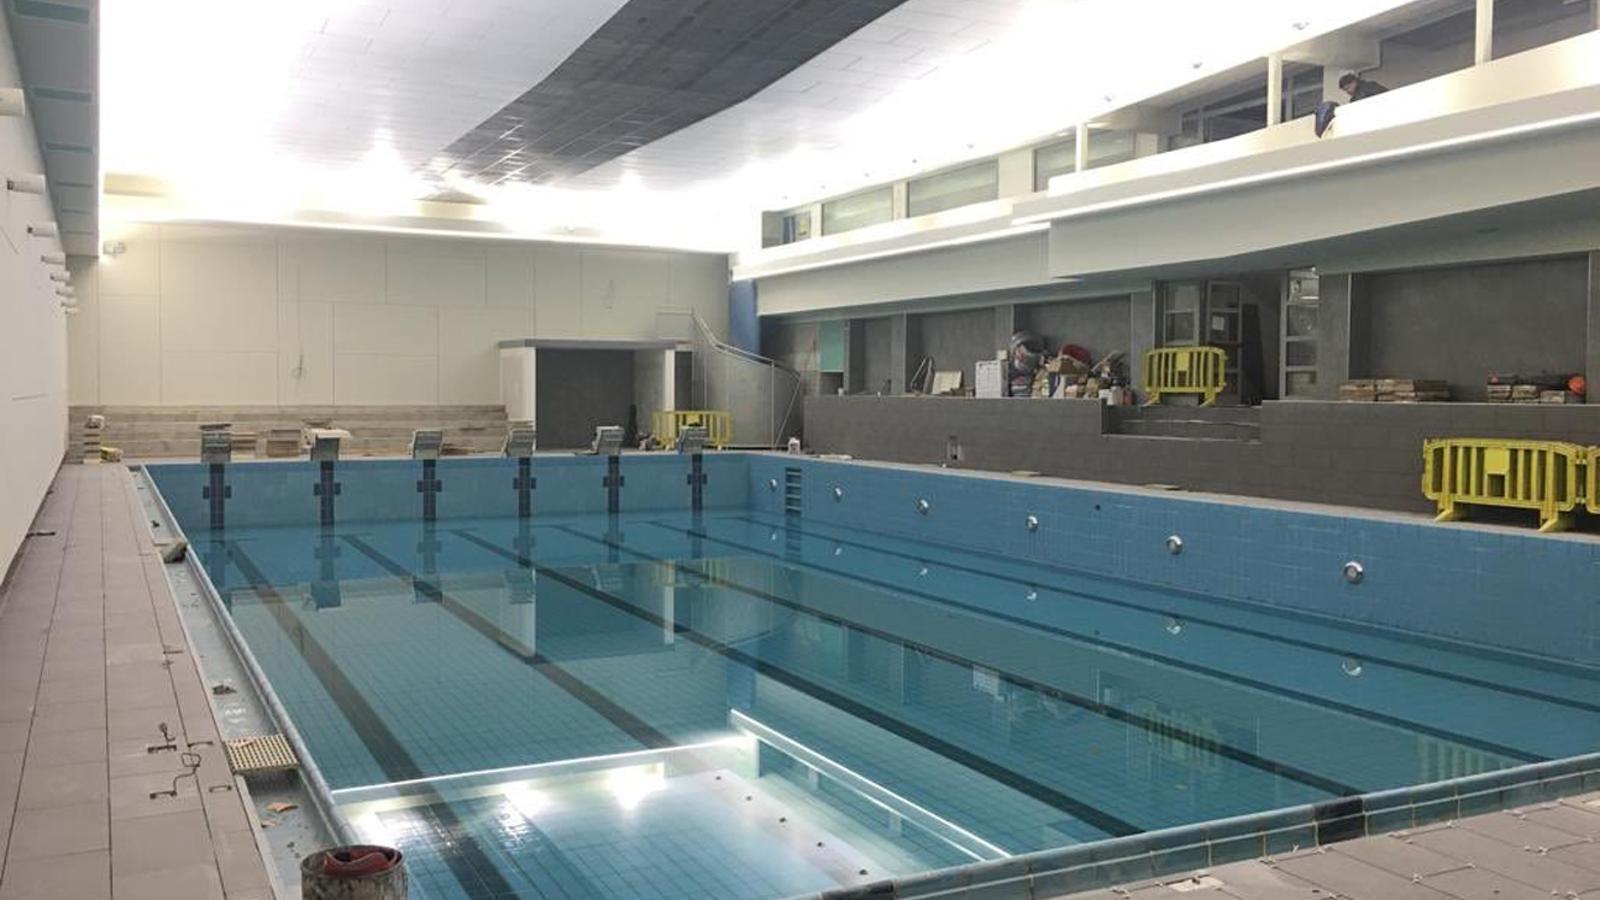 L'estat actual de la piscina comunal d'Escaldes-Engordany. / Comú d'Escaldes-Engordany